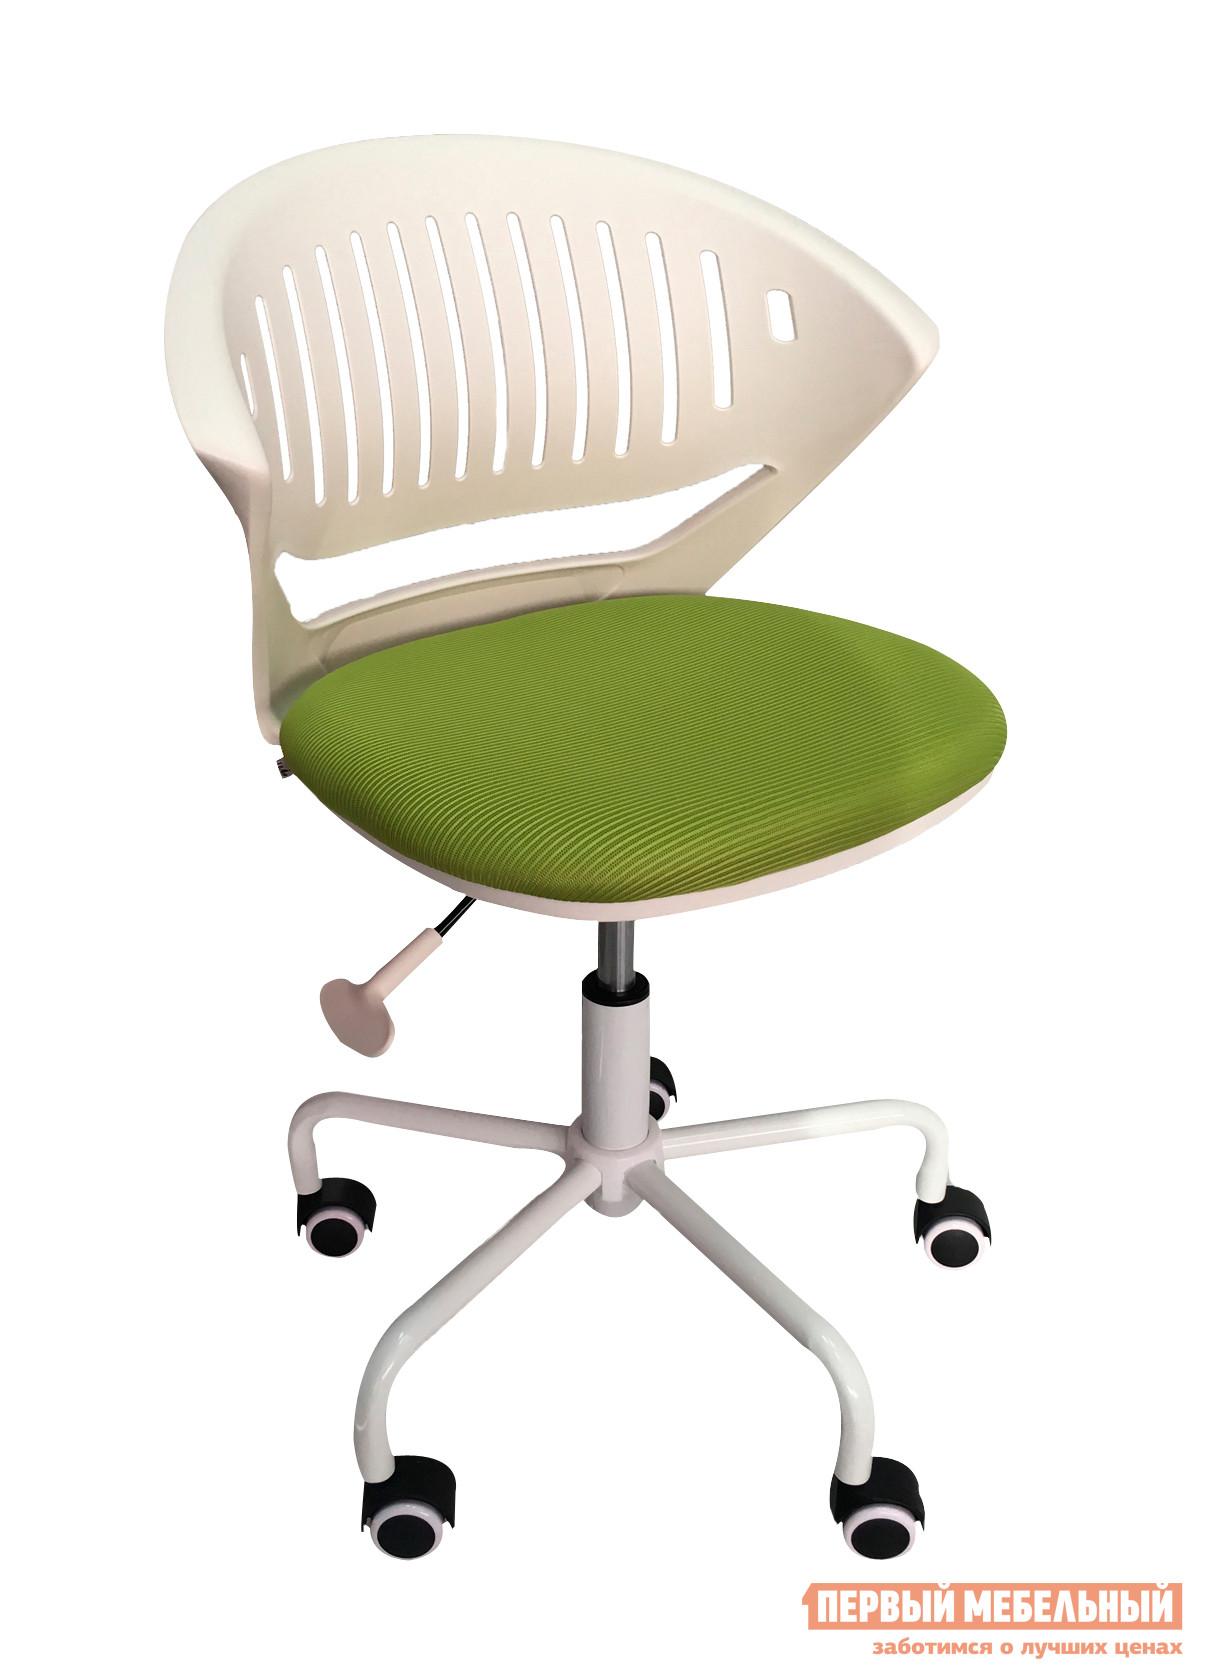 Детское компьютерное кресло Либао LB-C22 цена